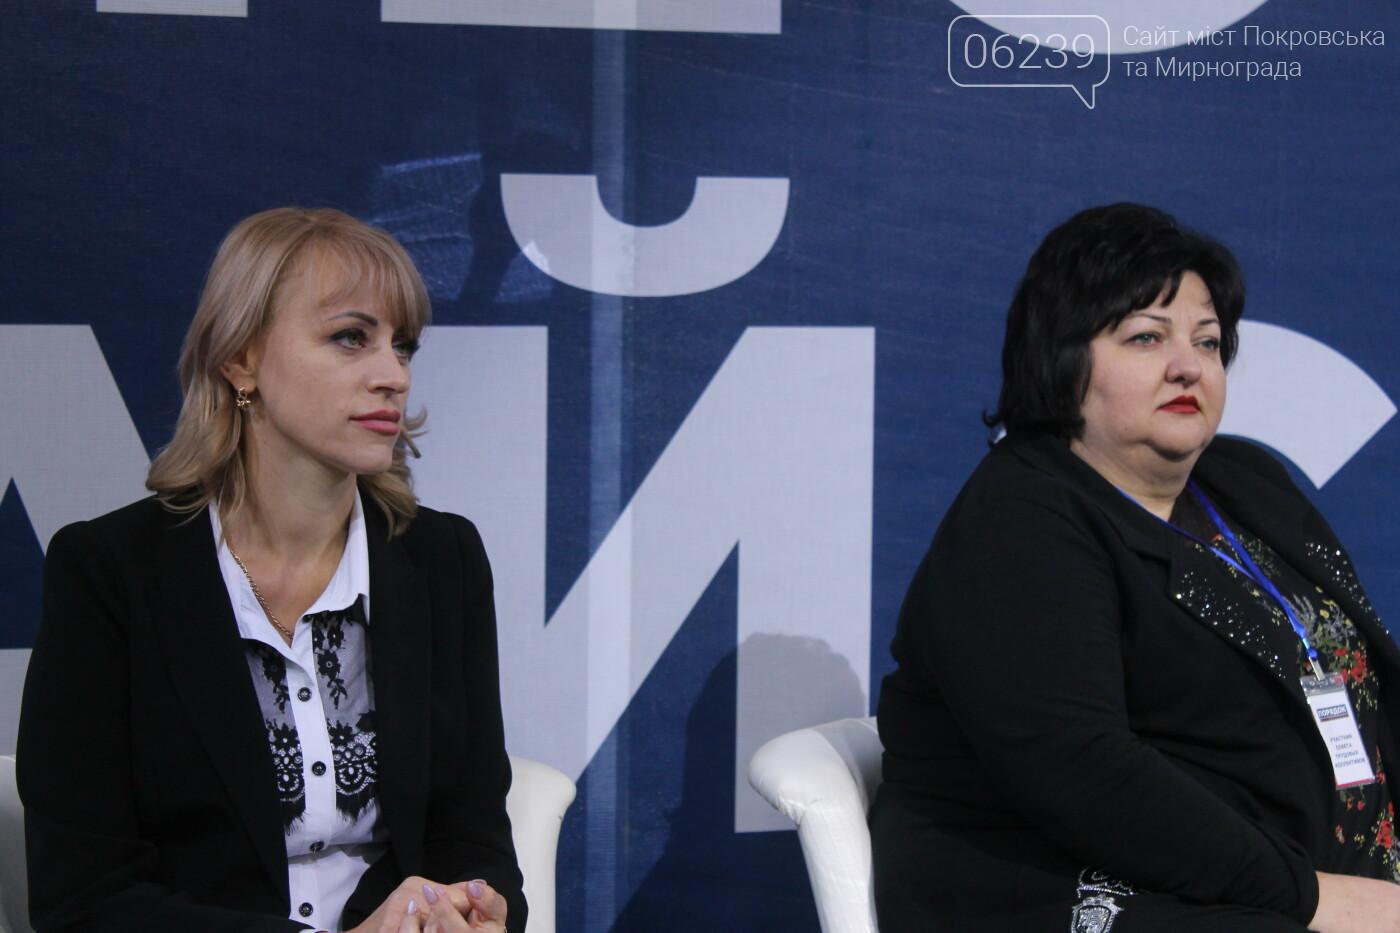 По инициативе лидера партии «Порядок» Леонида Байсарова состоялся Совет трудовых коллективов предприятий Покровска и Мирнограда, фото-43